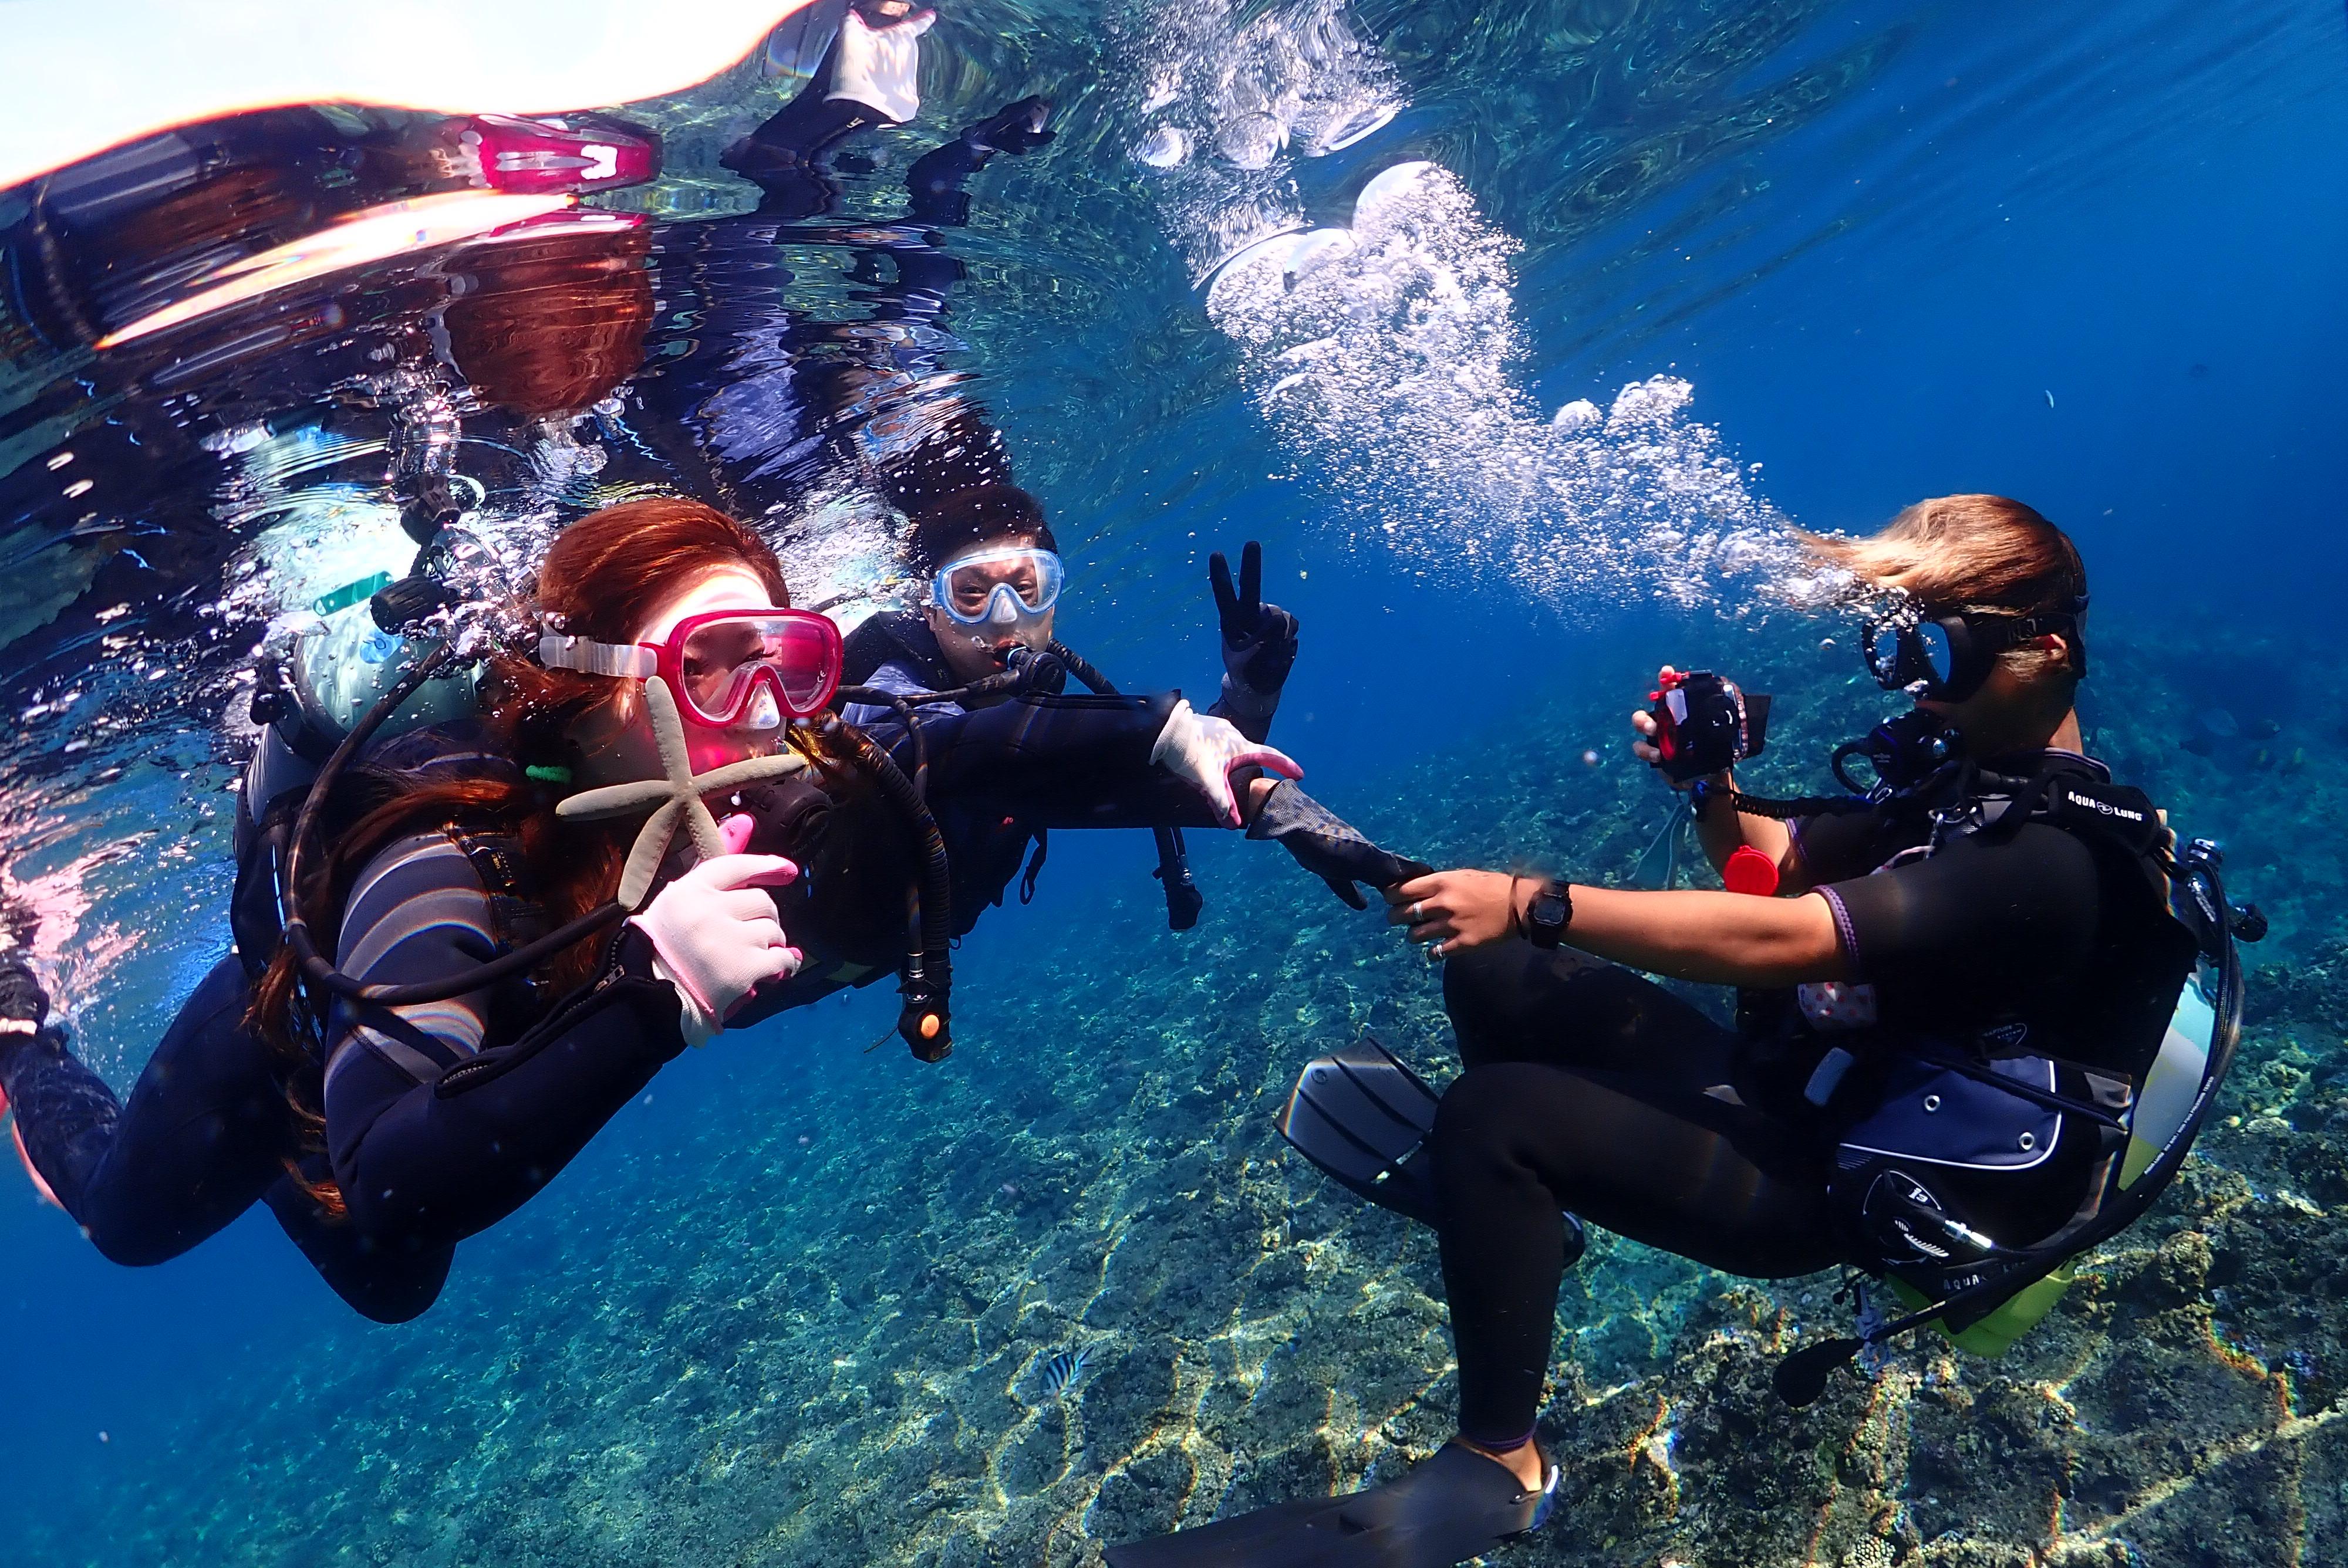 沖縄の青の洞窟で体験ダイビングするグループ